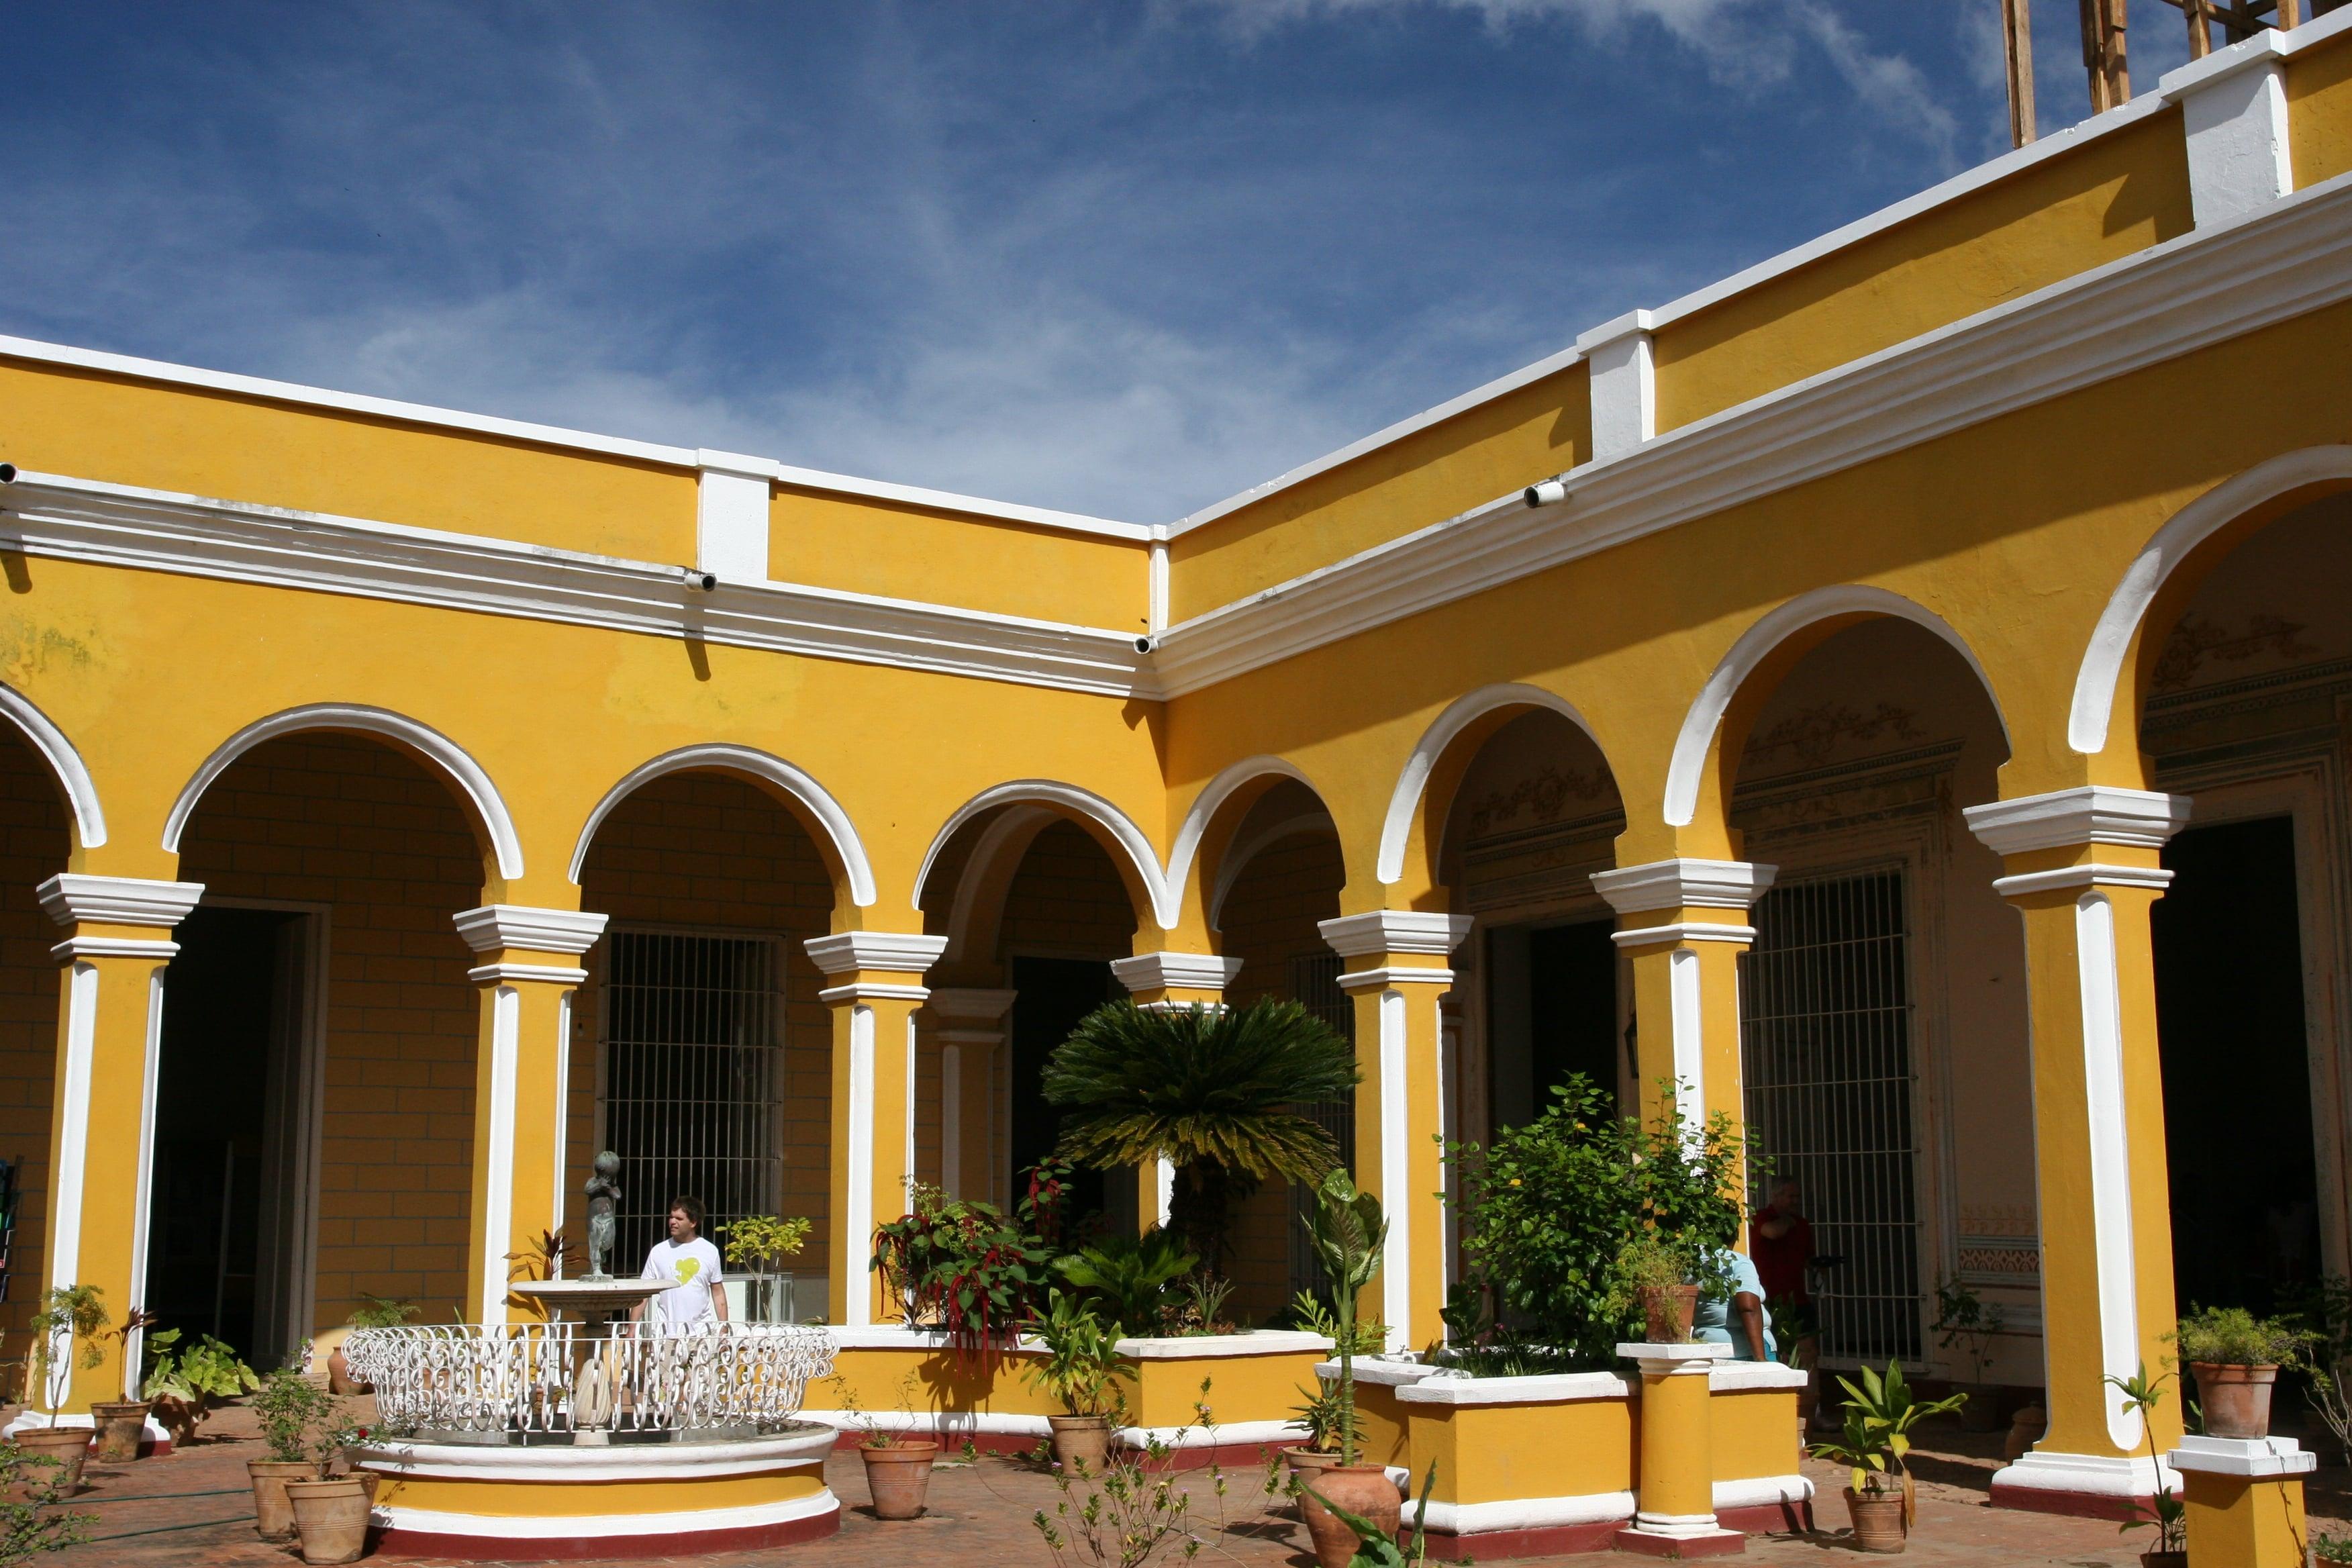 museo historico municipal trinidad cuba